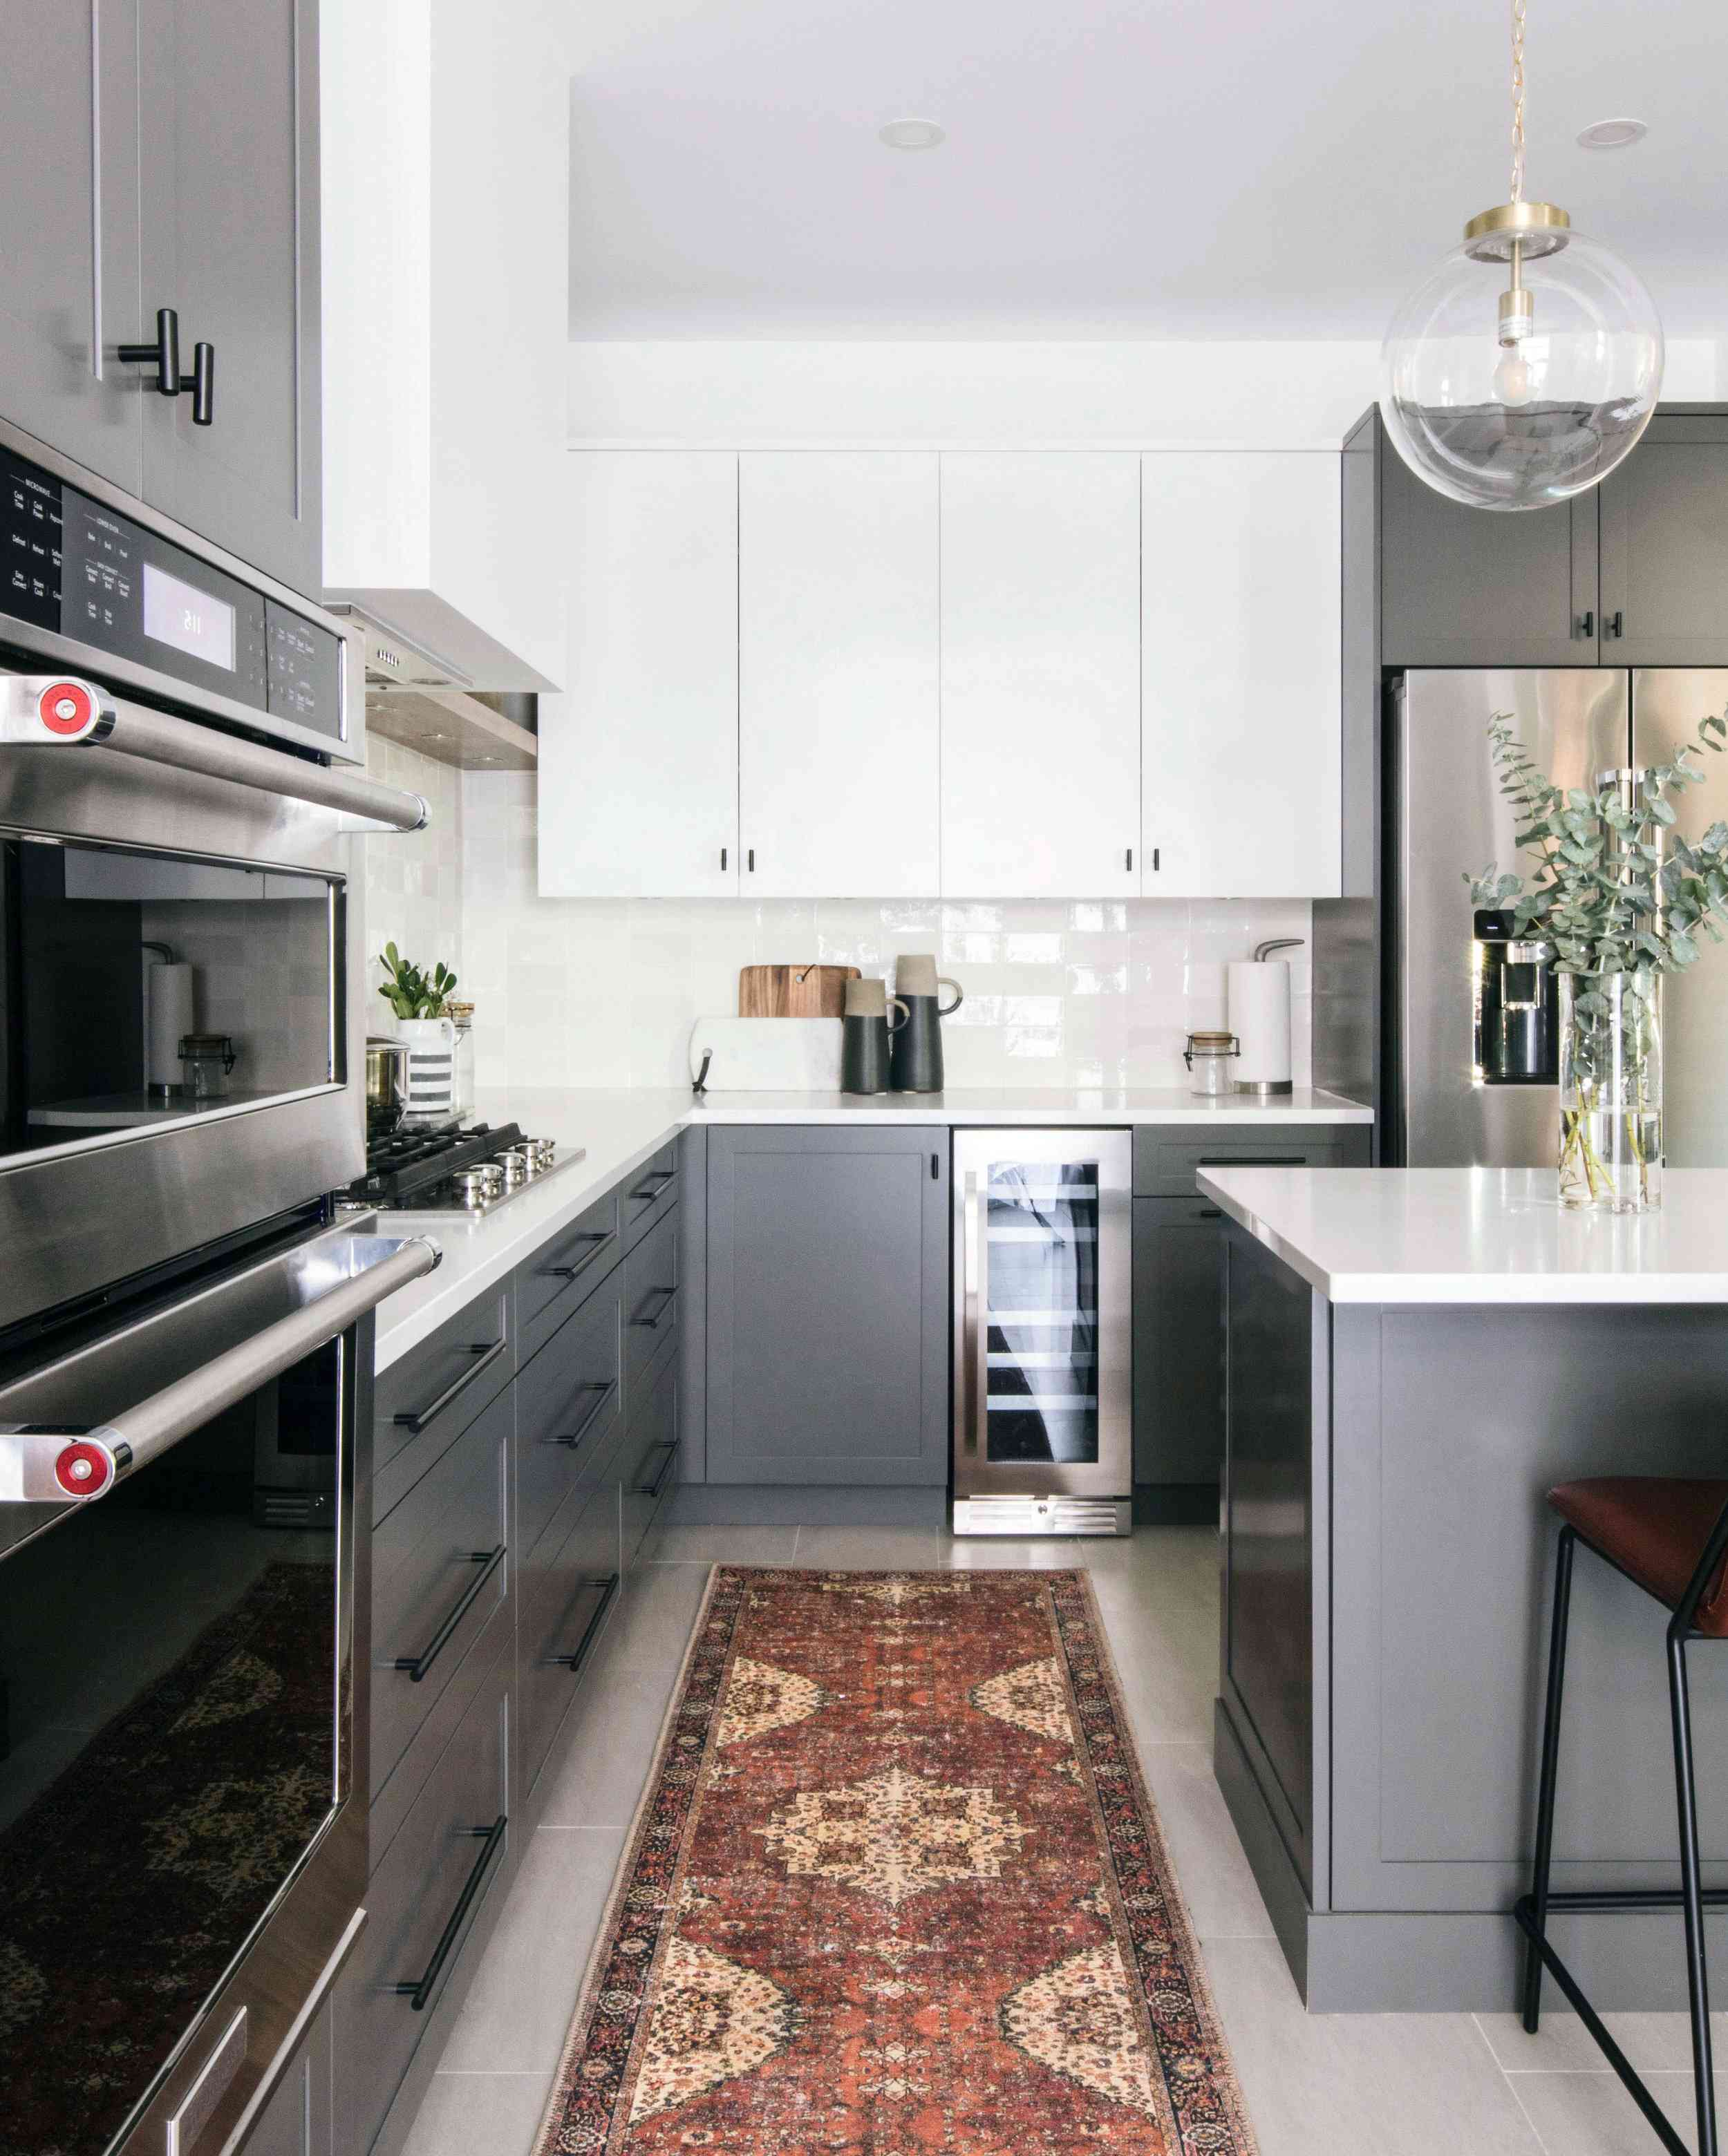 best kitchen ideas - gray kitchen with rust kitchen runner rug